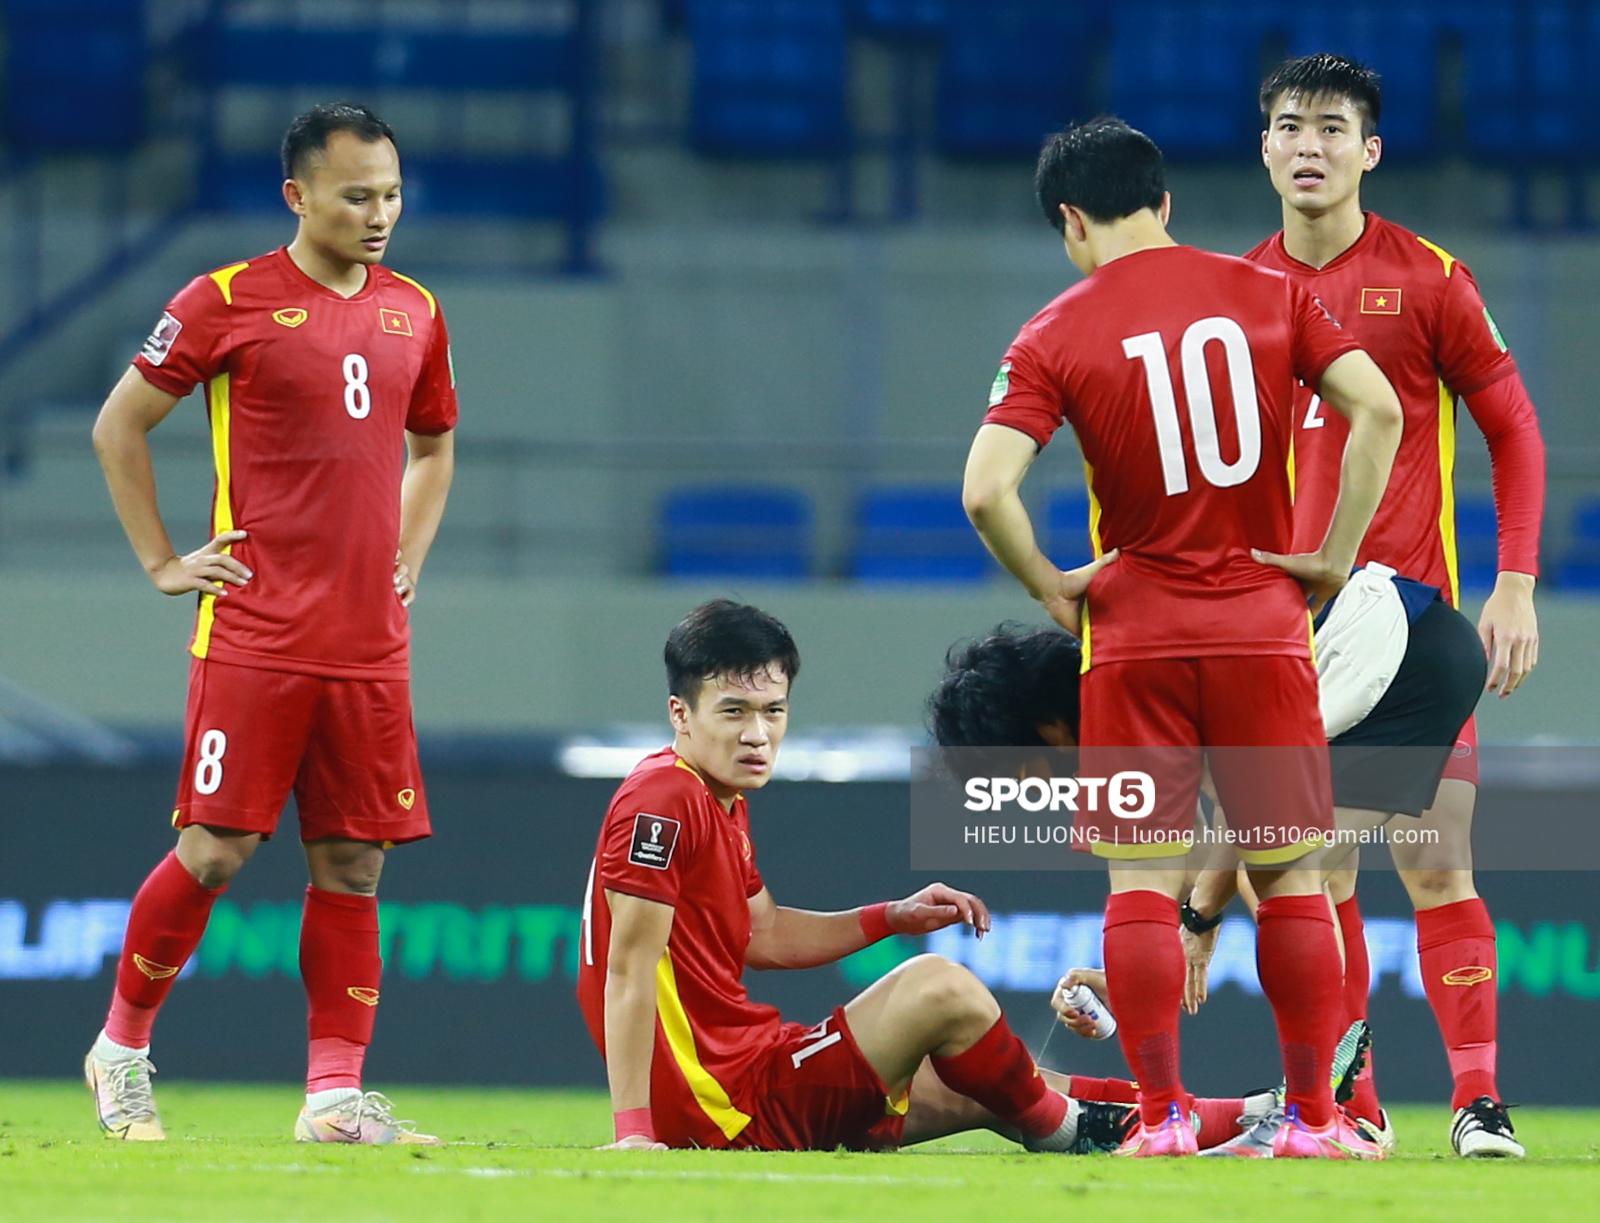 Hoàng Đức chơi hay bất ngờ, thay thế hoàn hảo cho Tuấn Anh ở tuyển Việt Nam - Ảnh 9.